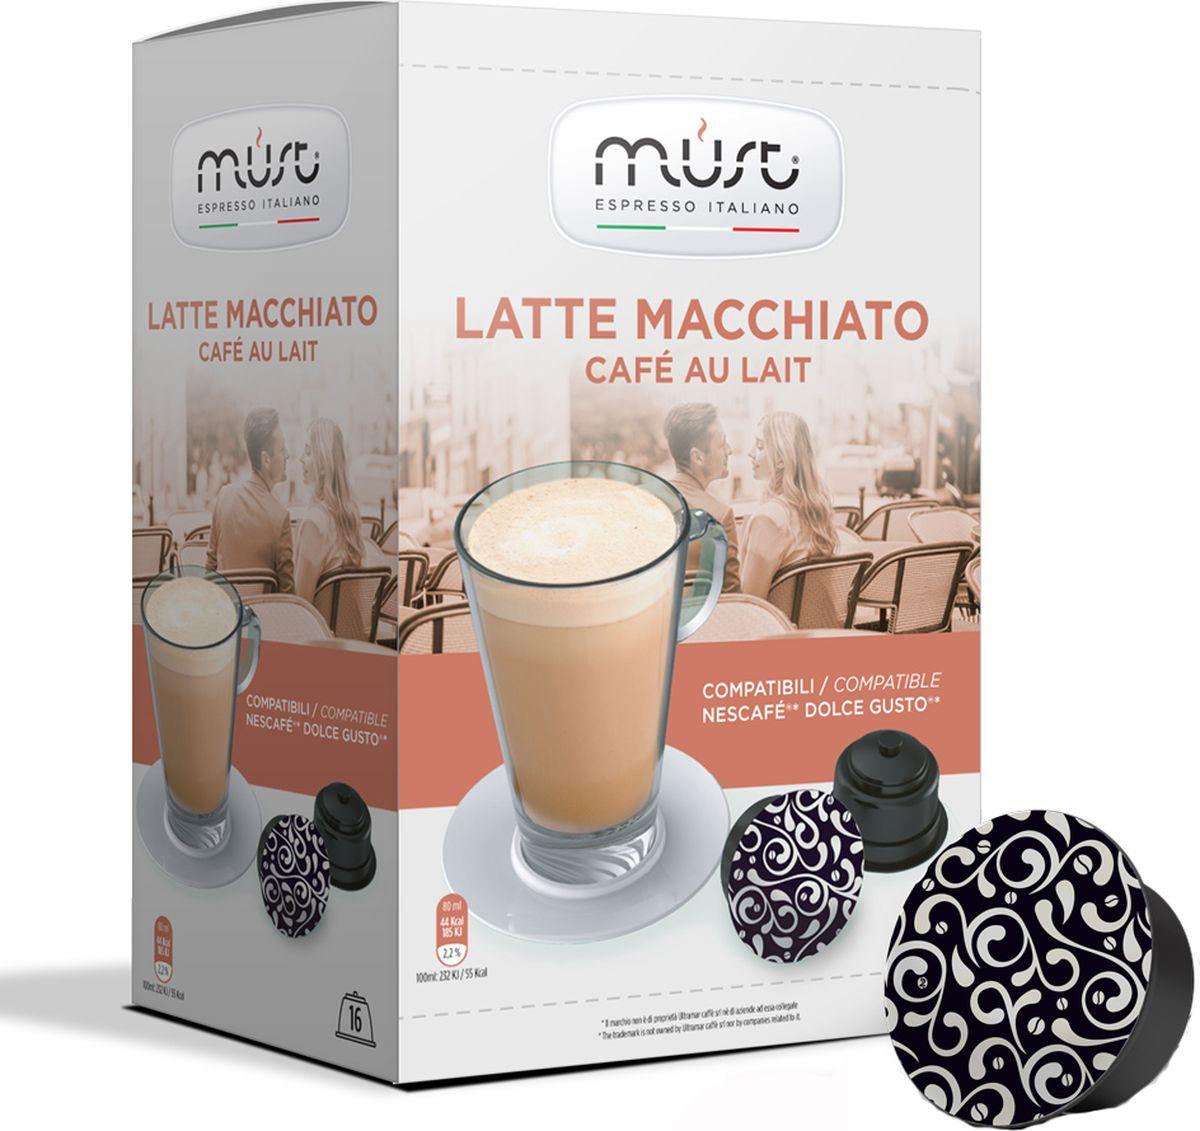 MUST DG Latte Macchiato кофе в капсулах, 16 шт0120710Кисло-сладкий, сливочный вкус и благородный аромат с нотками темного шоколада и миндаля. Этот кофе латте сочетает в себе сладкое и нежное послевкусие, сбалансированную консистенцию и крепость.